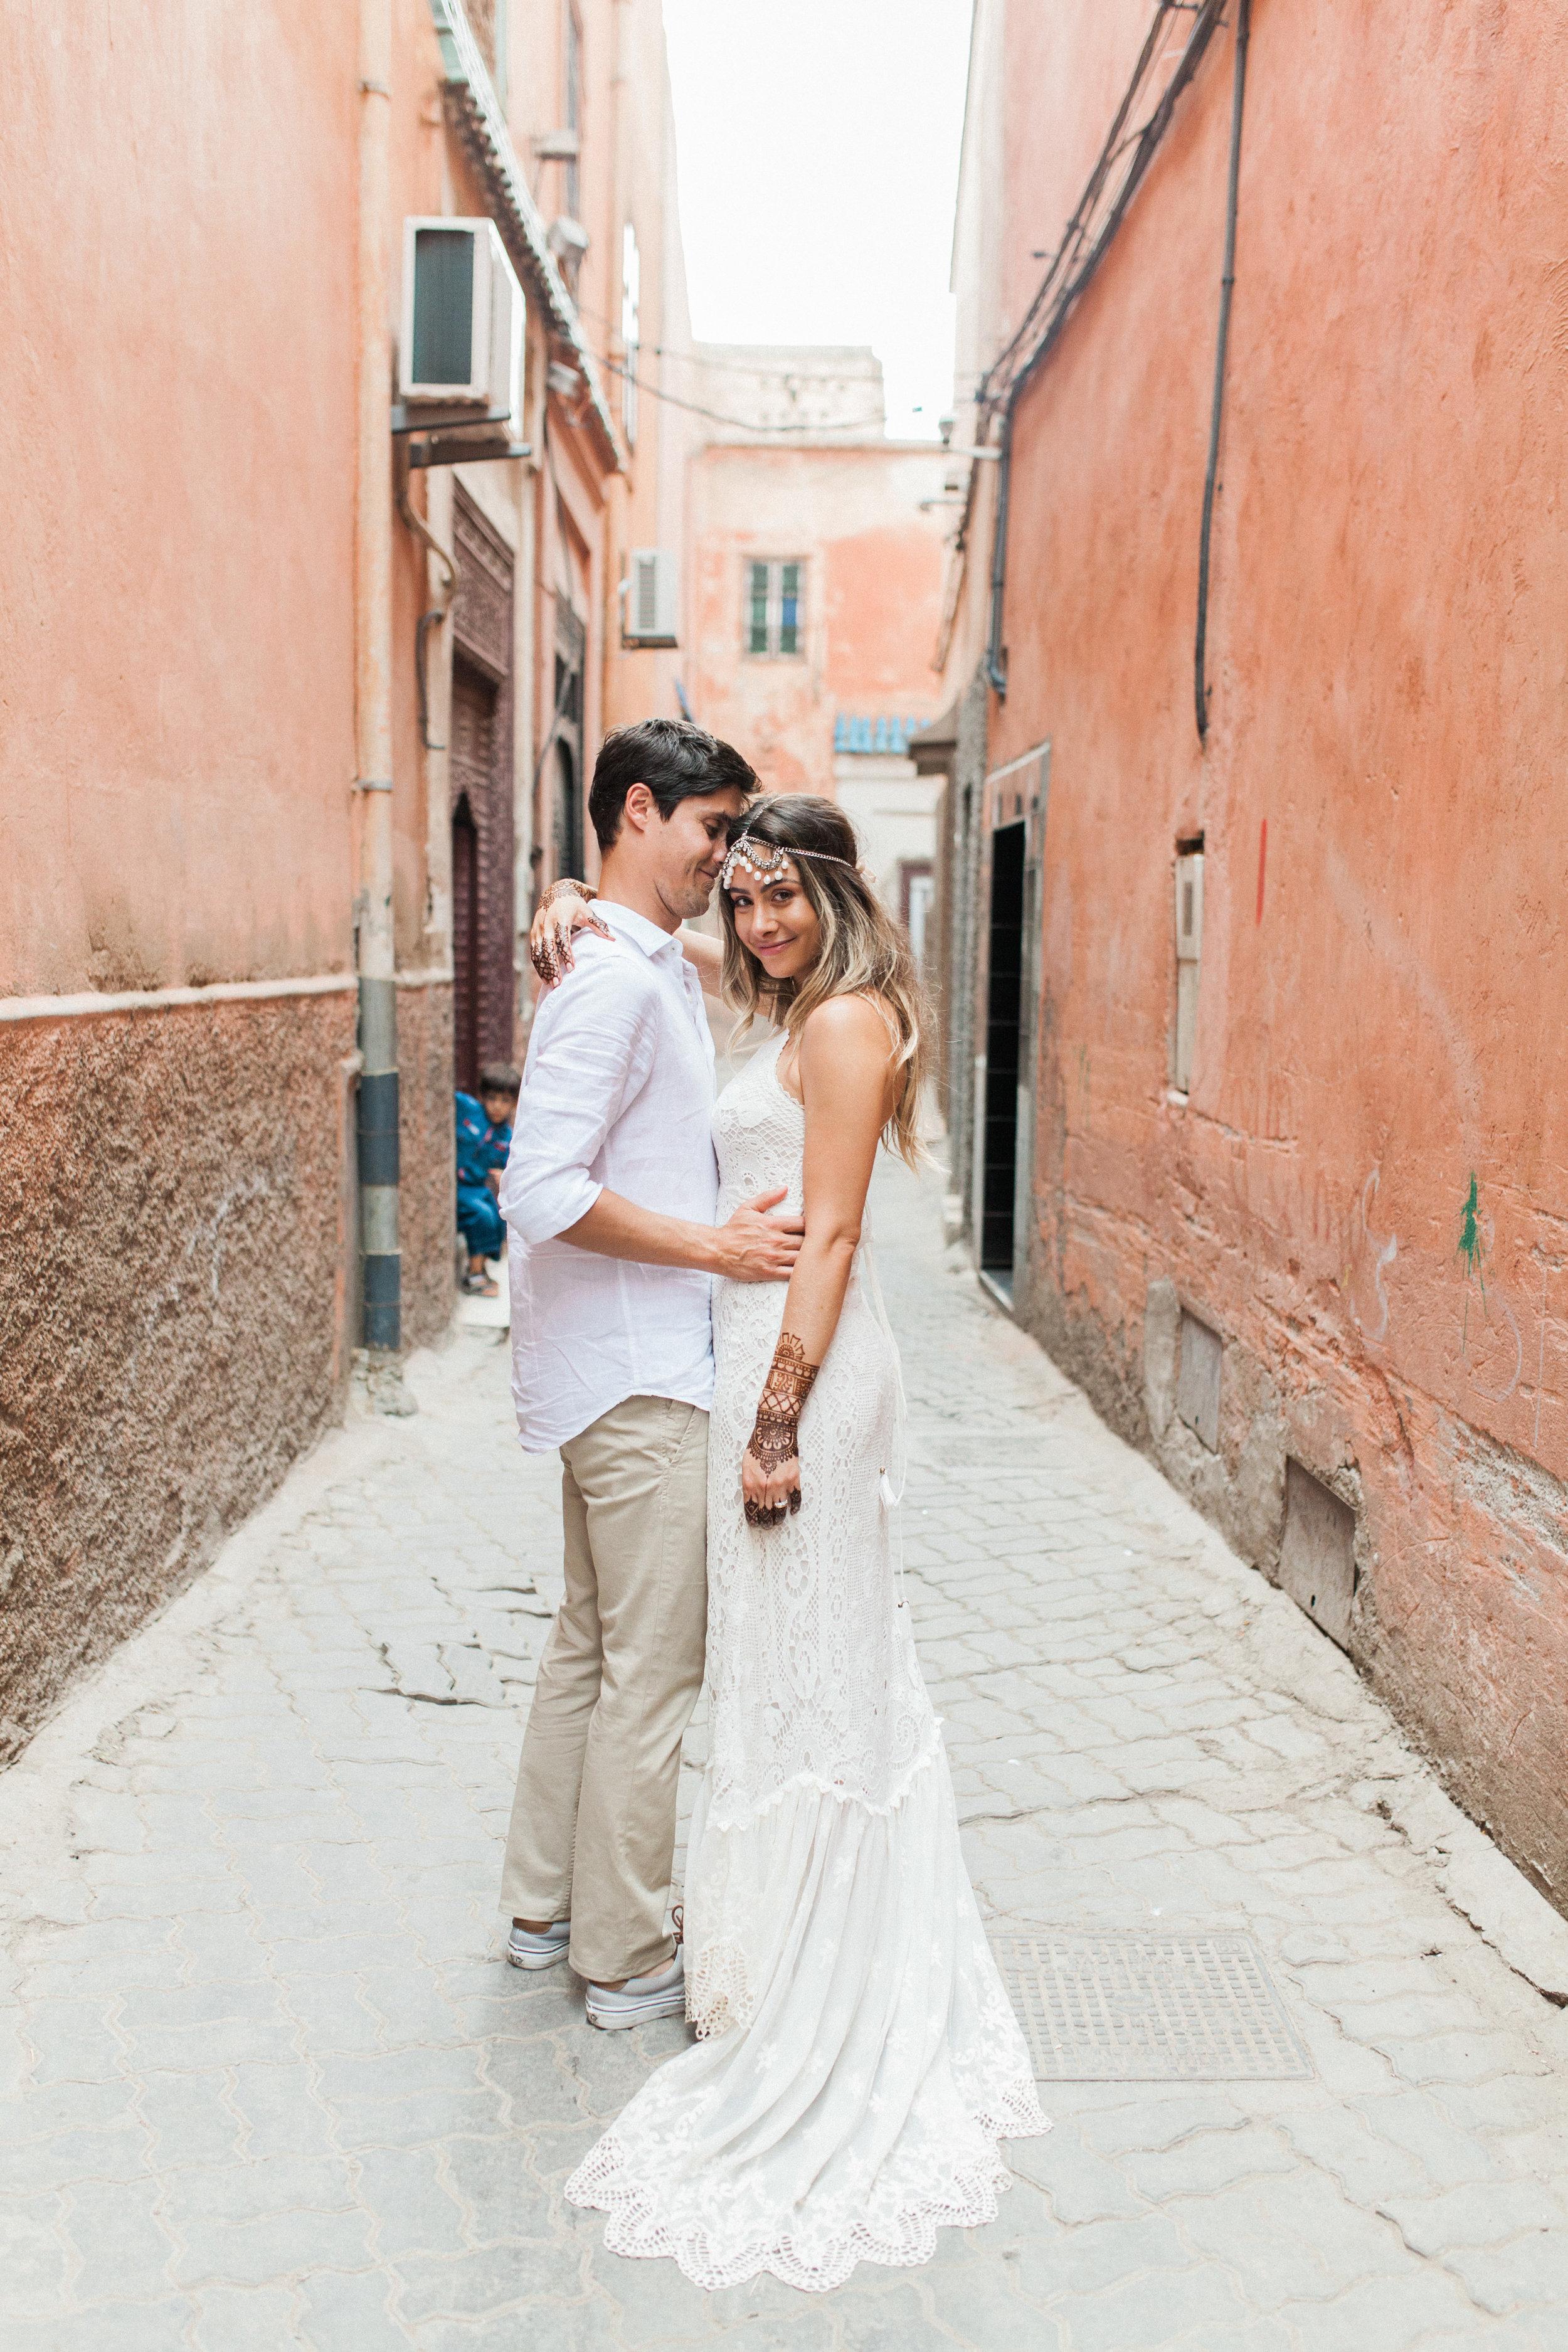 mariarao_marrakech_elopment-177.jpg